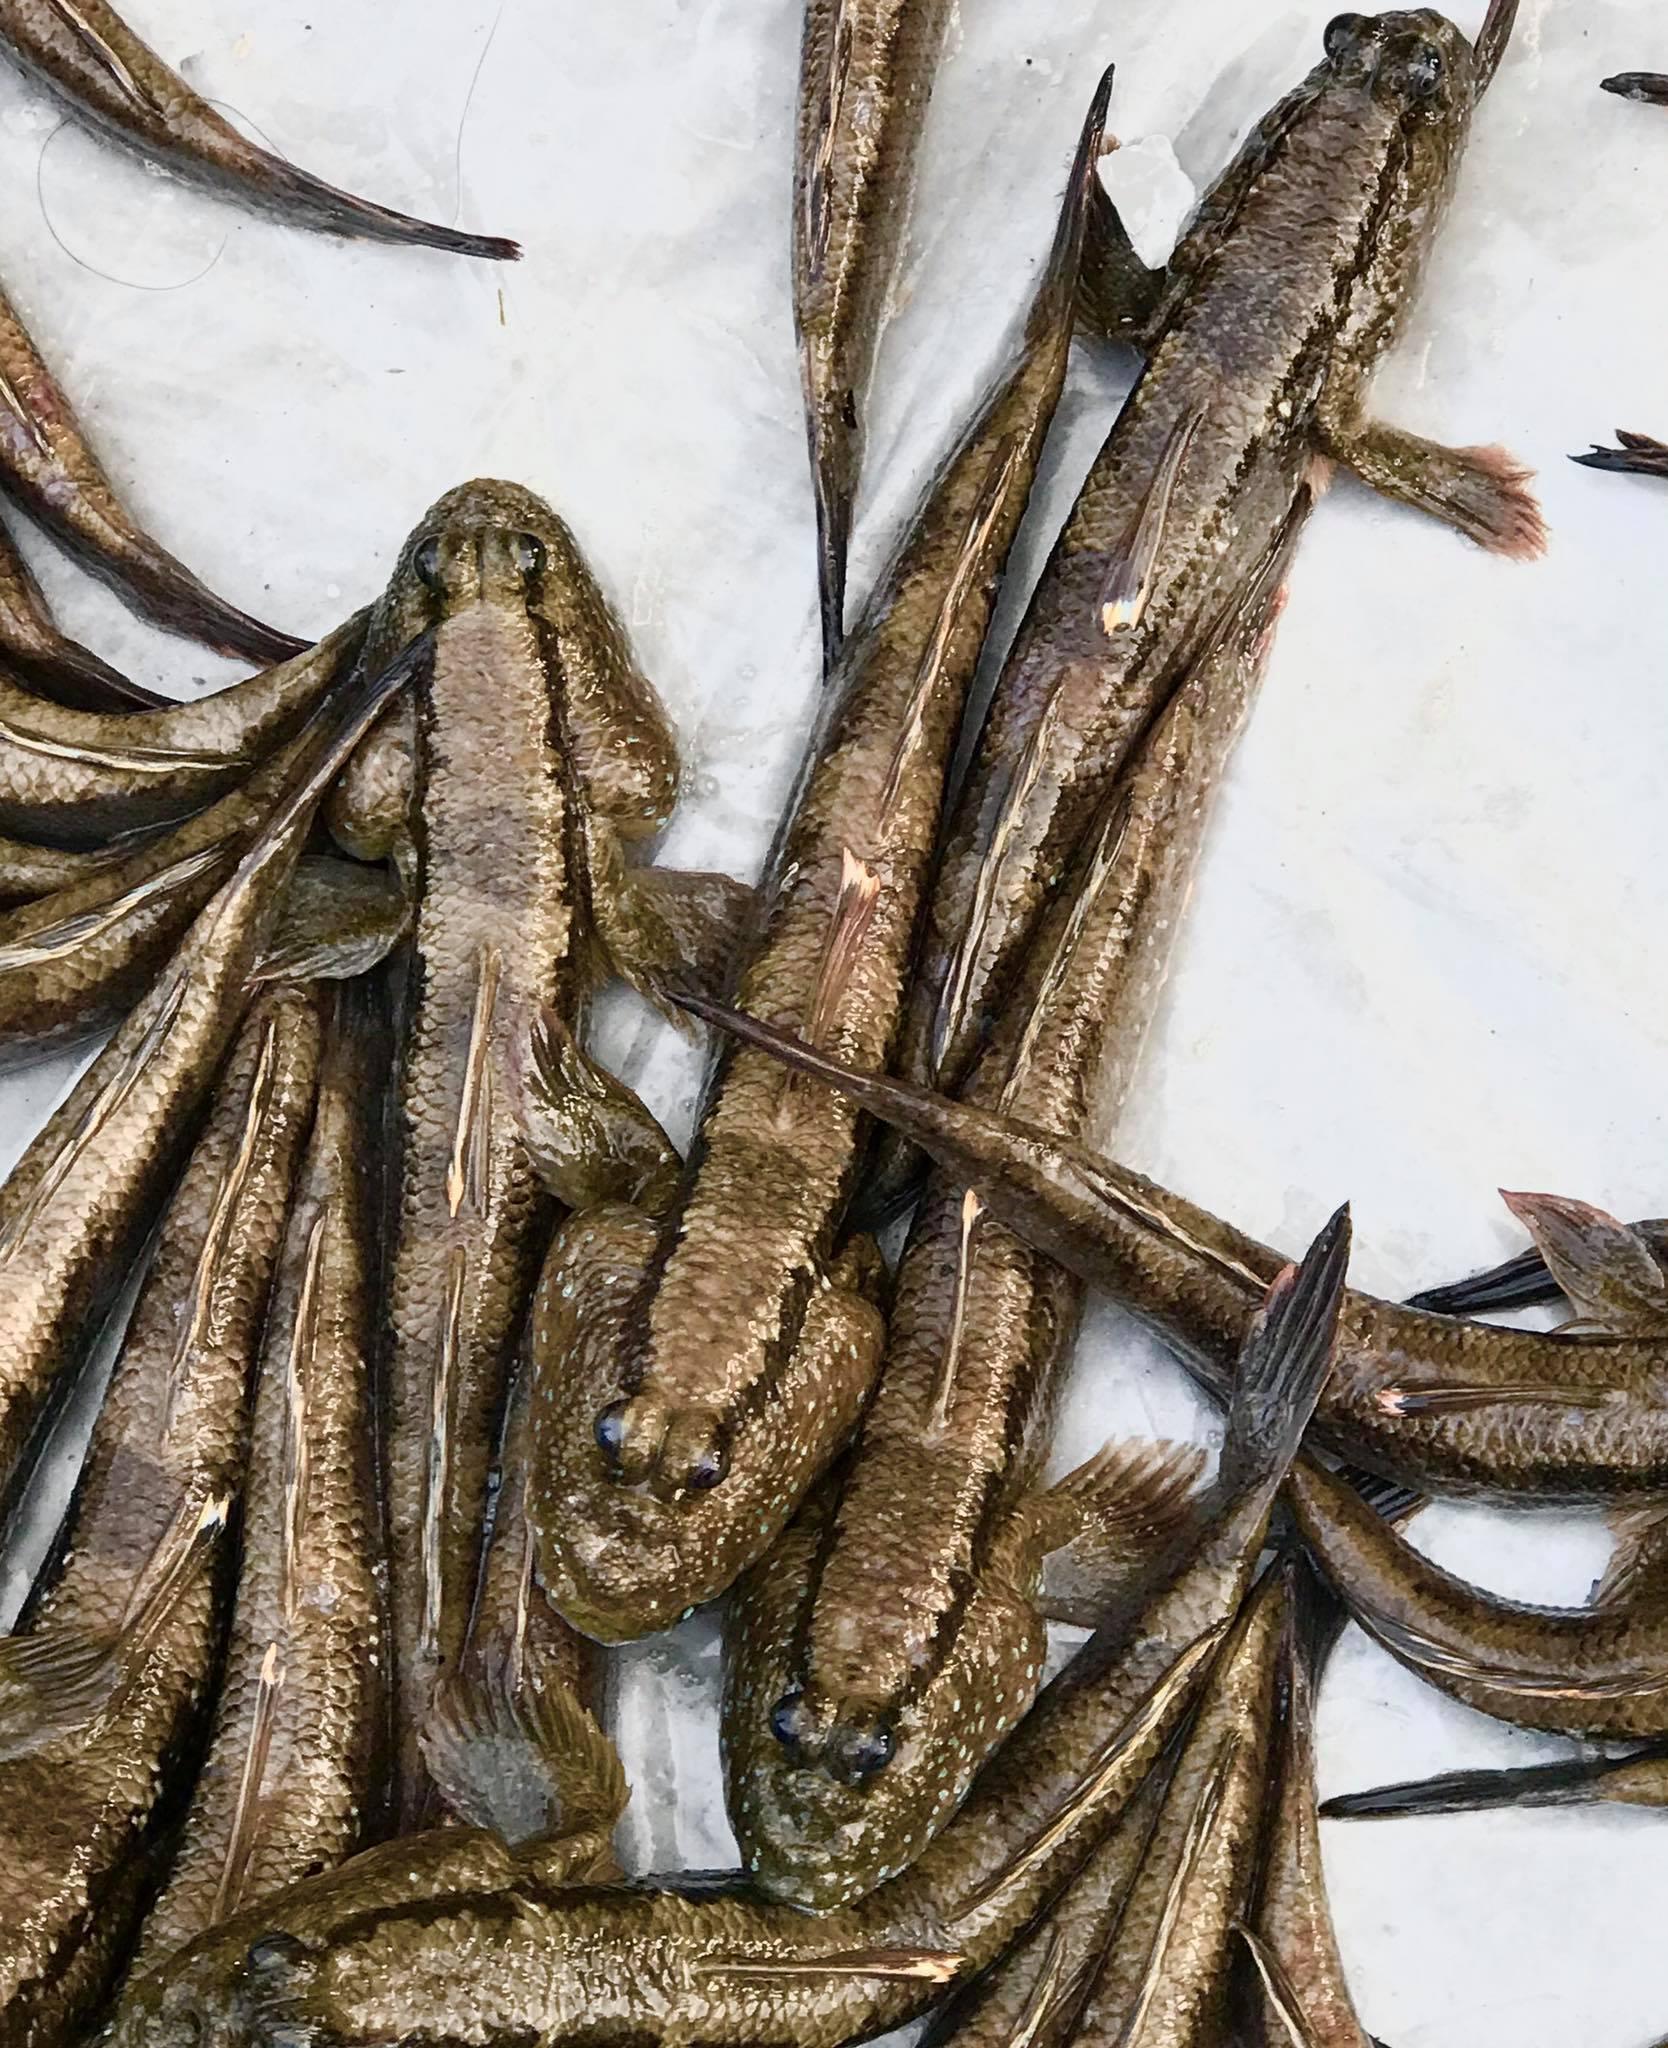 Đặc sản 'quái thú leo cây' ở Cà Mau: Ngon nức tiếng, có tiền cũng khó mua